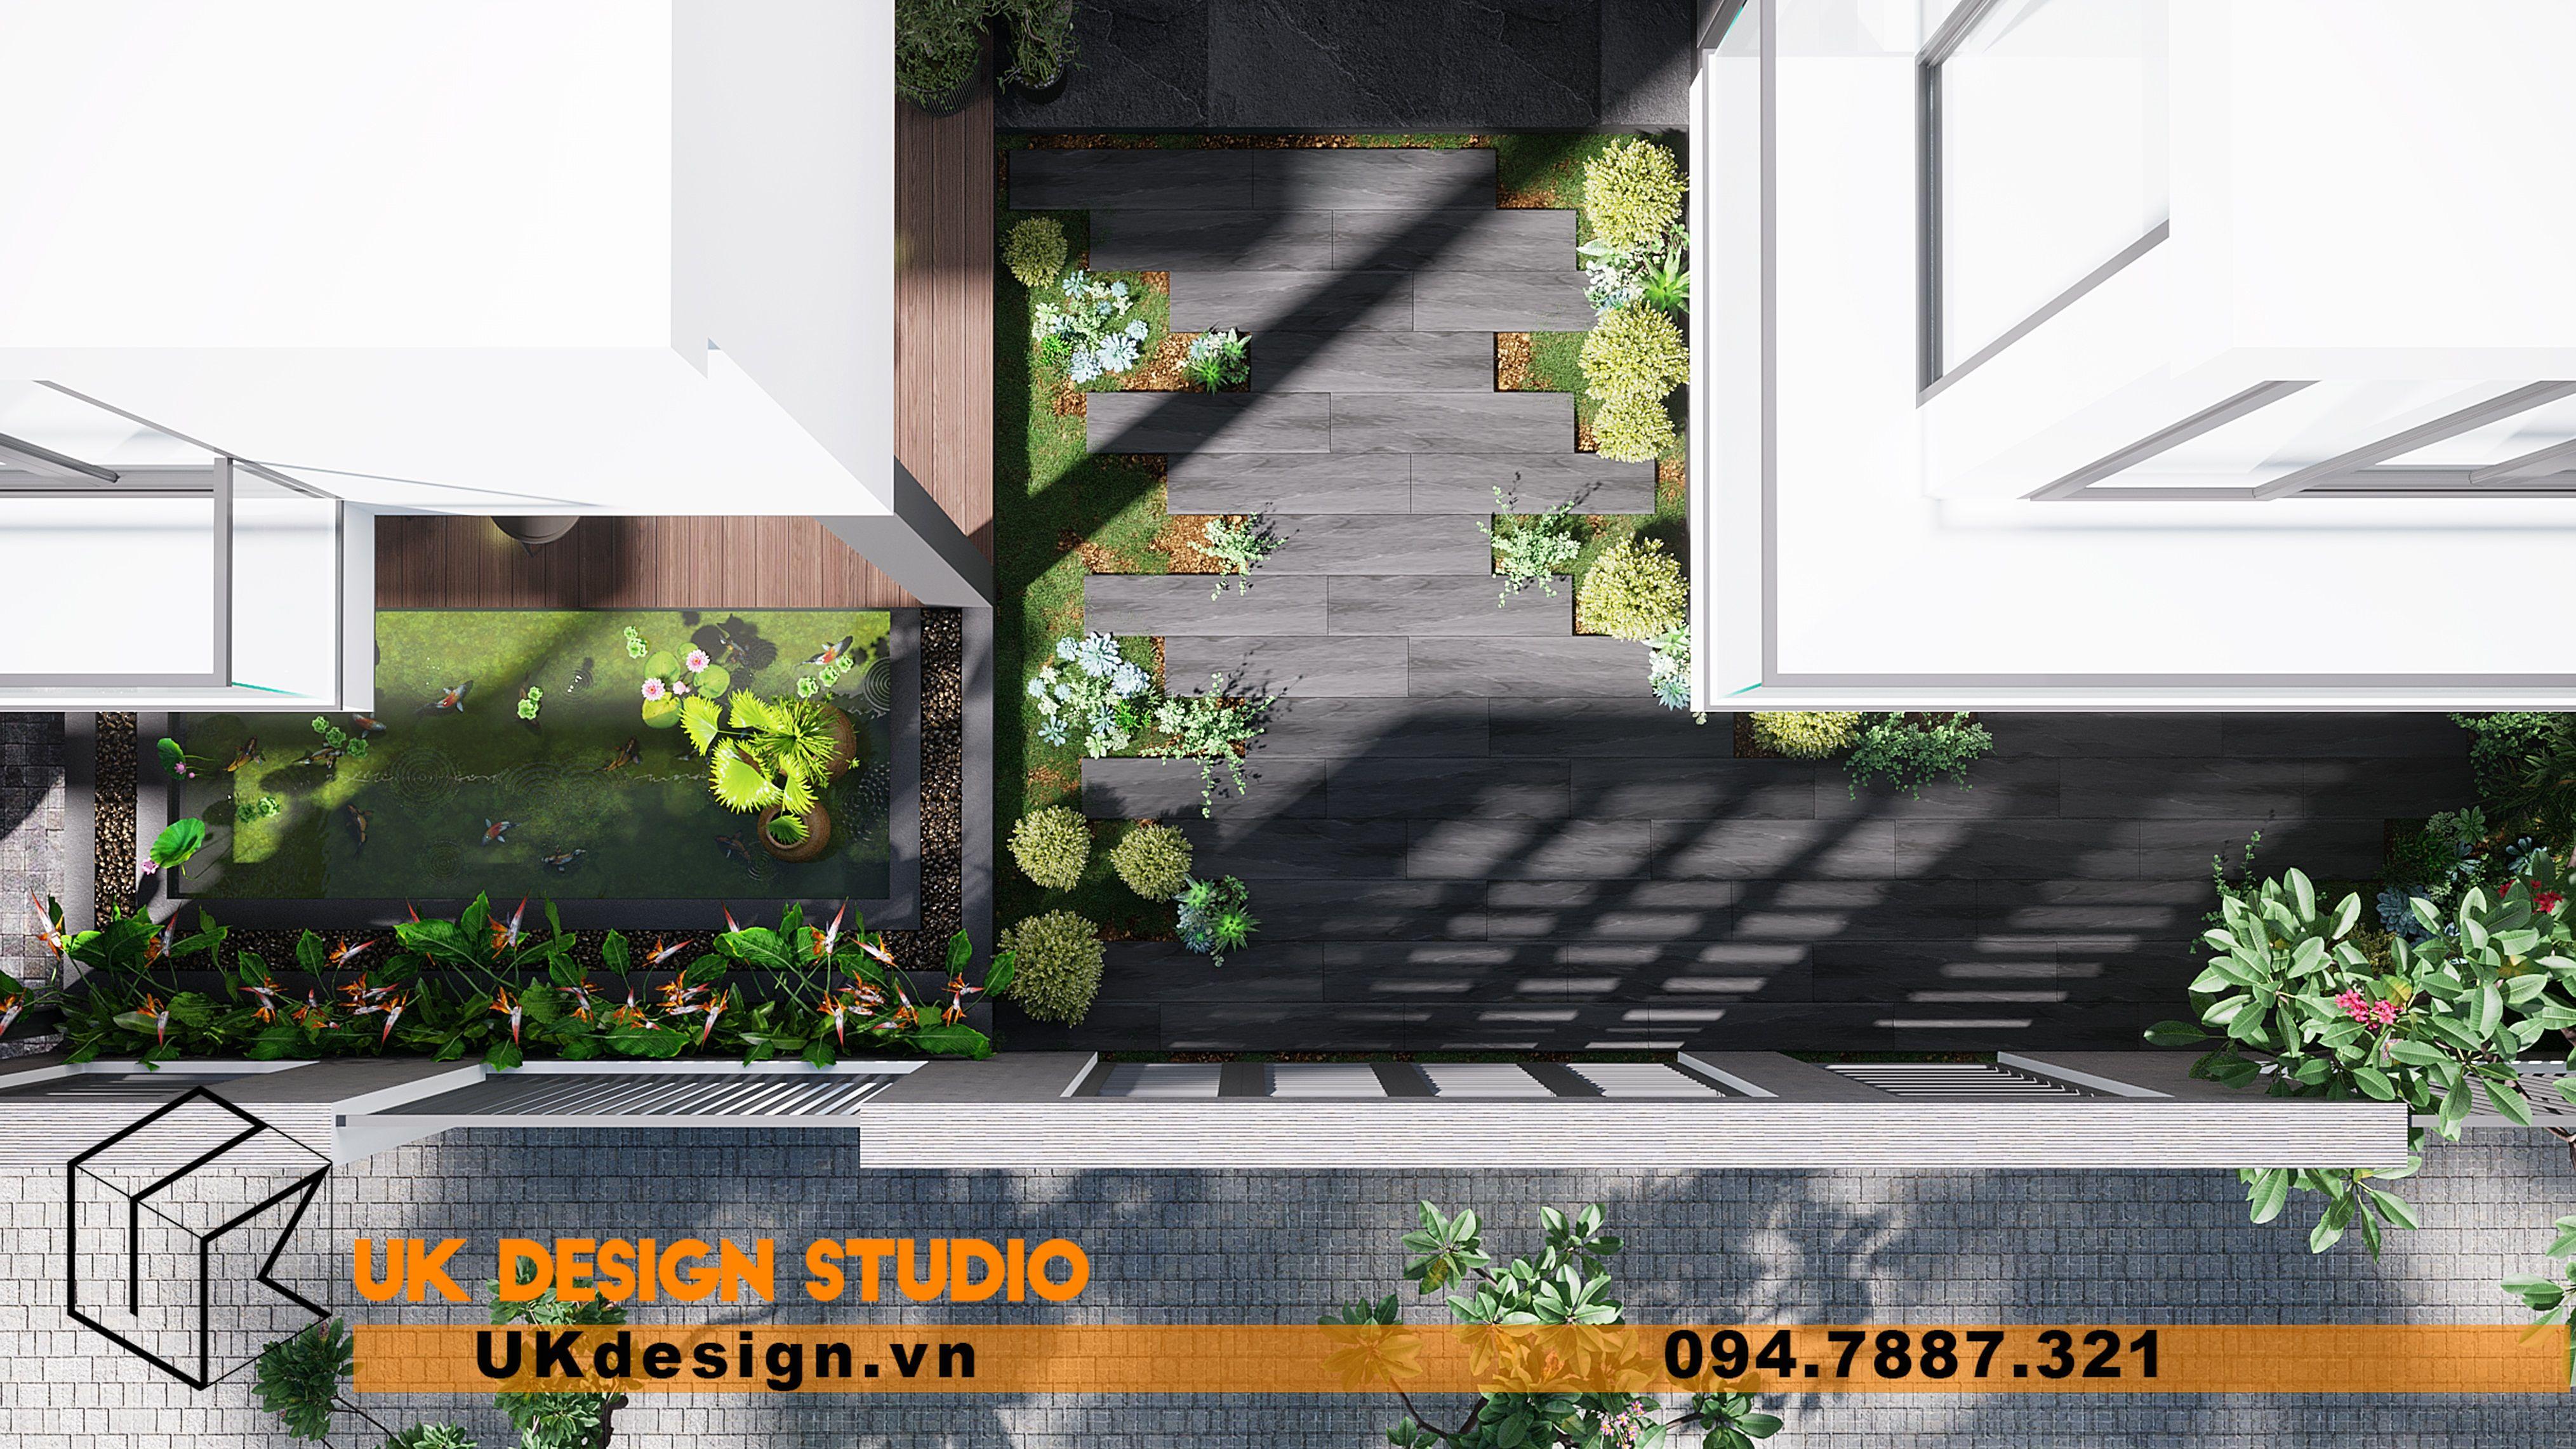 Thiết kế sân vườn biệt thự trước nhà 5